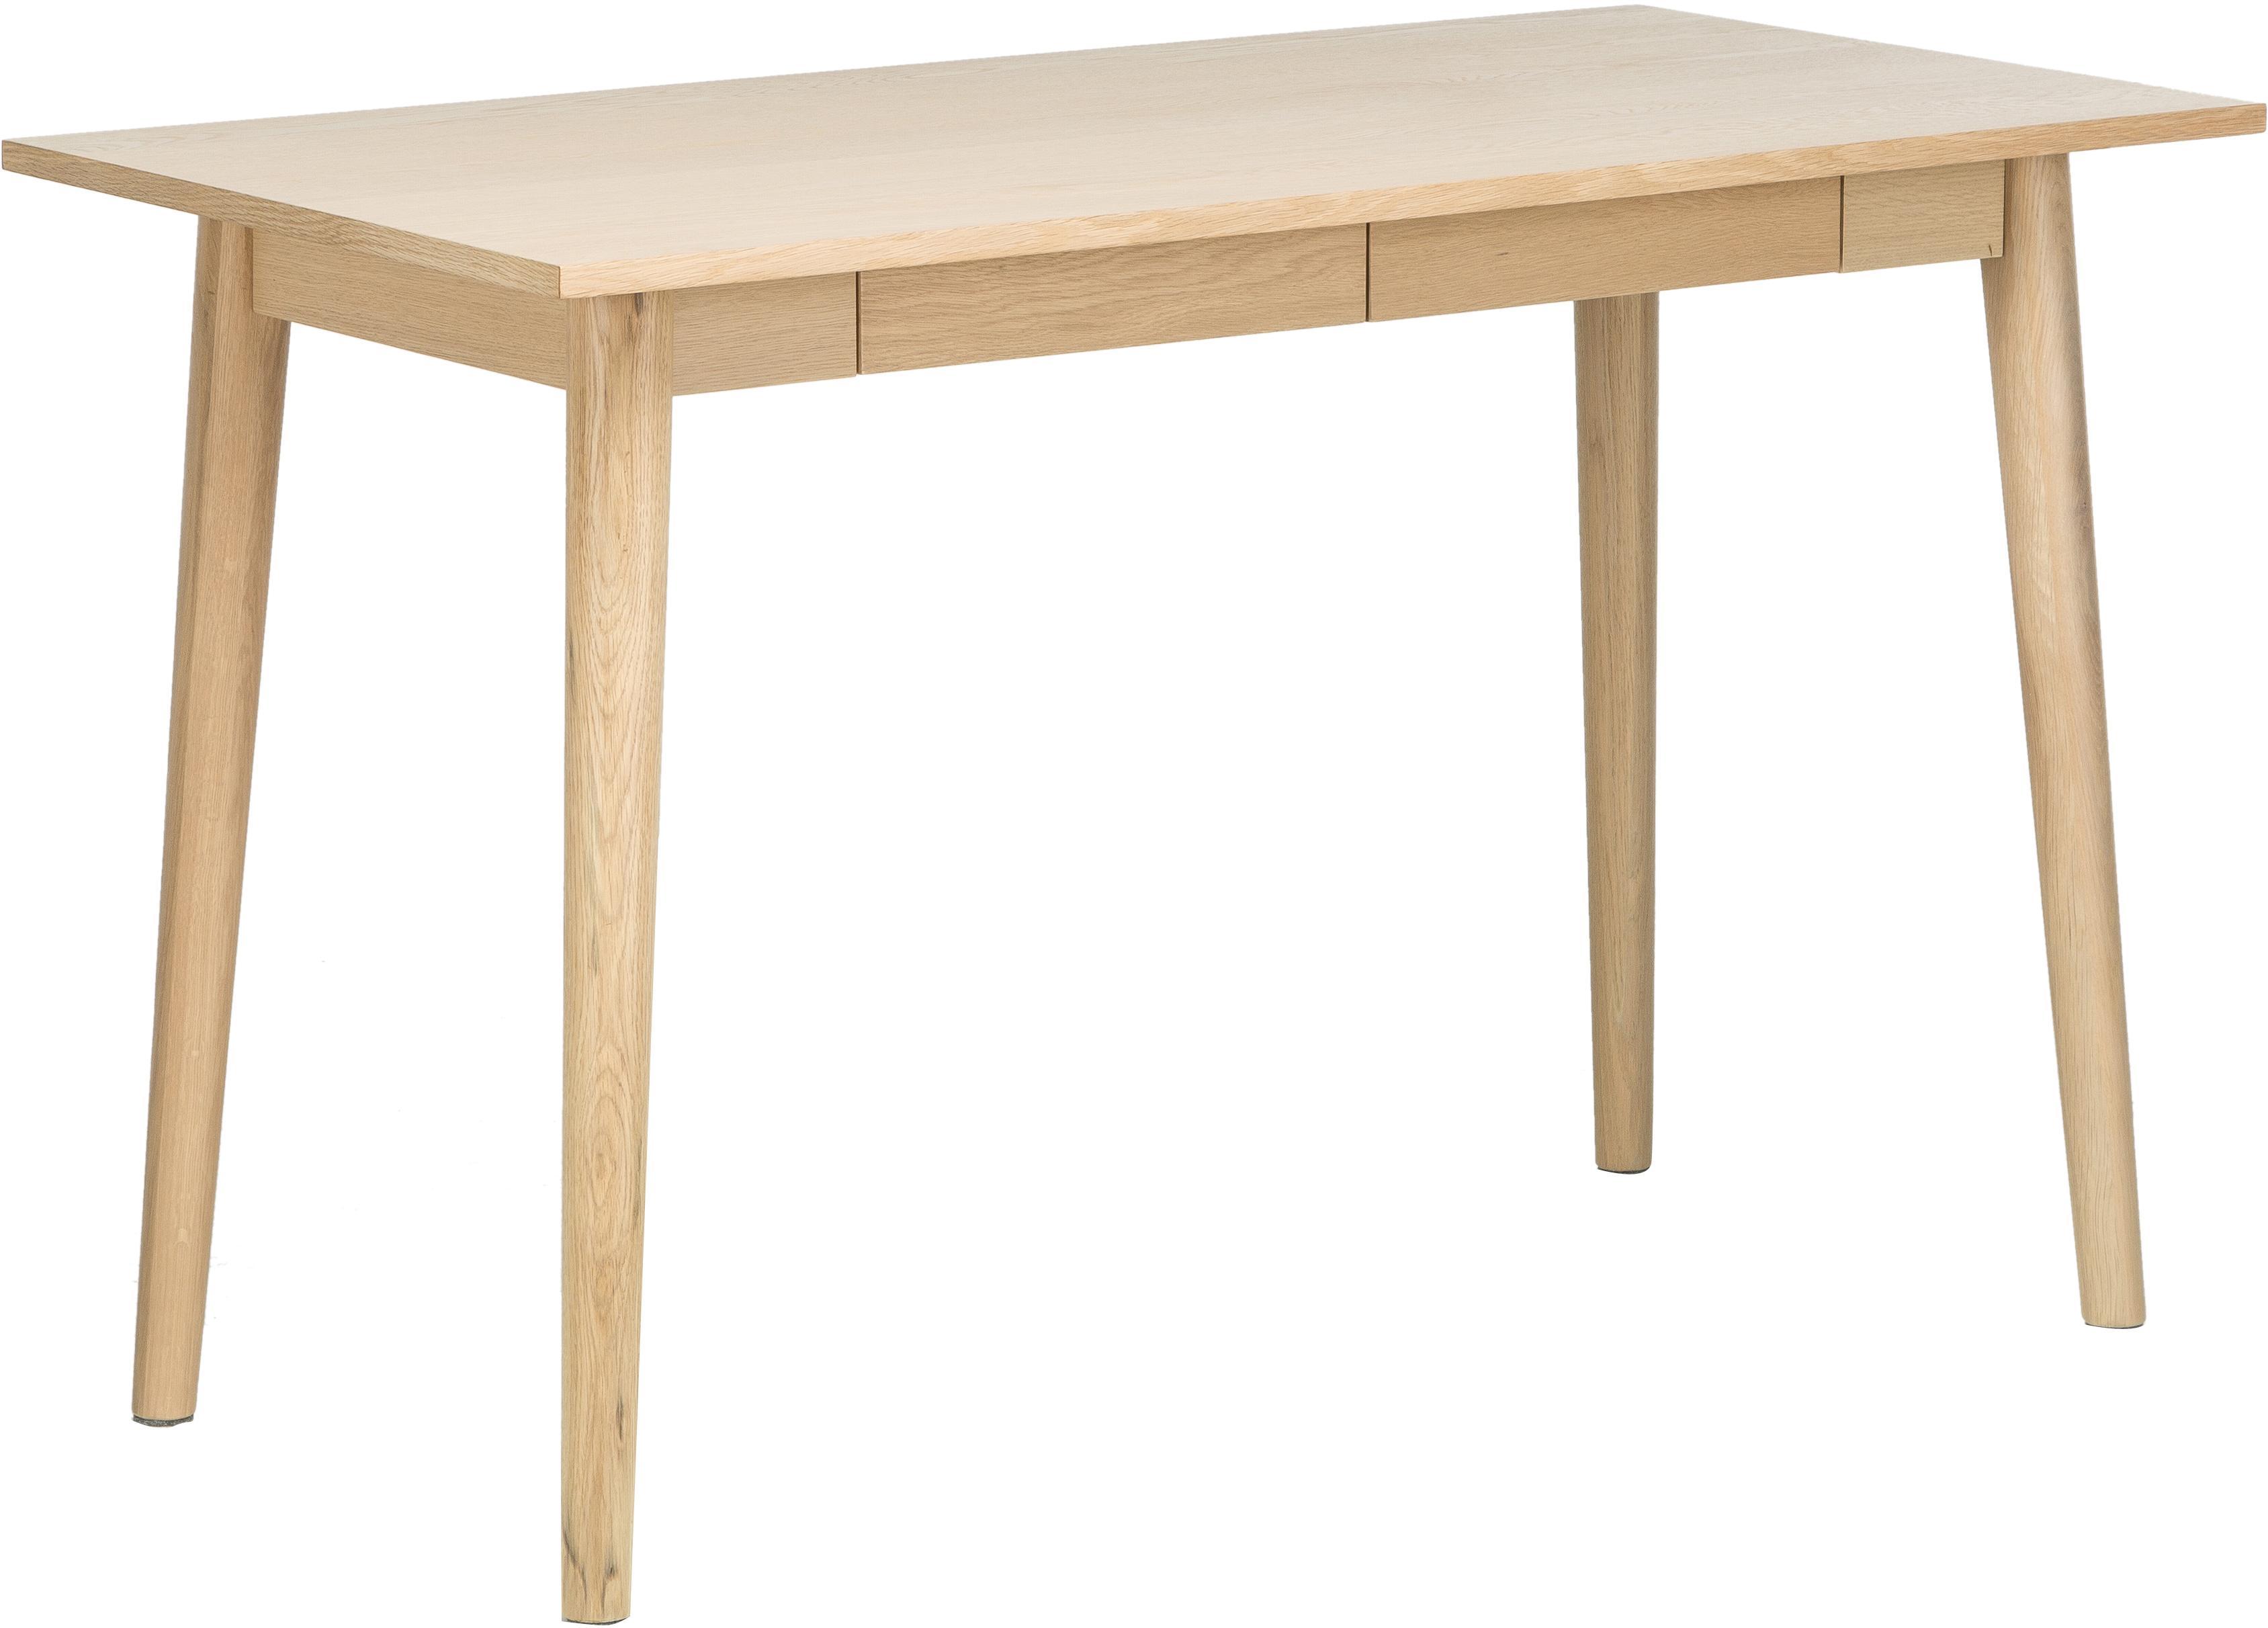 Małe biurko z drewna dębowego Marte, Nogi: drewno dębowe, fornir, Blat: płyta pilśniowa średniej , Drewno dębowe, bielone, S 120 x G 60 cm